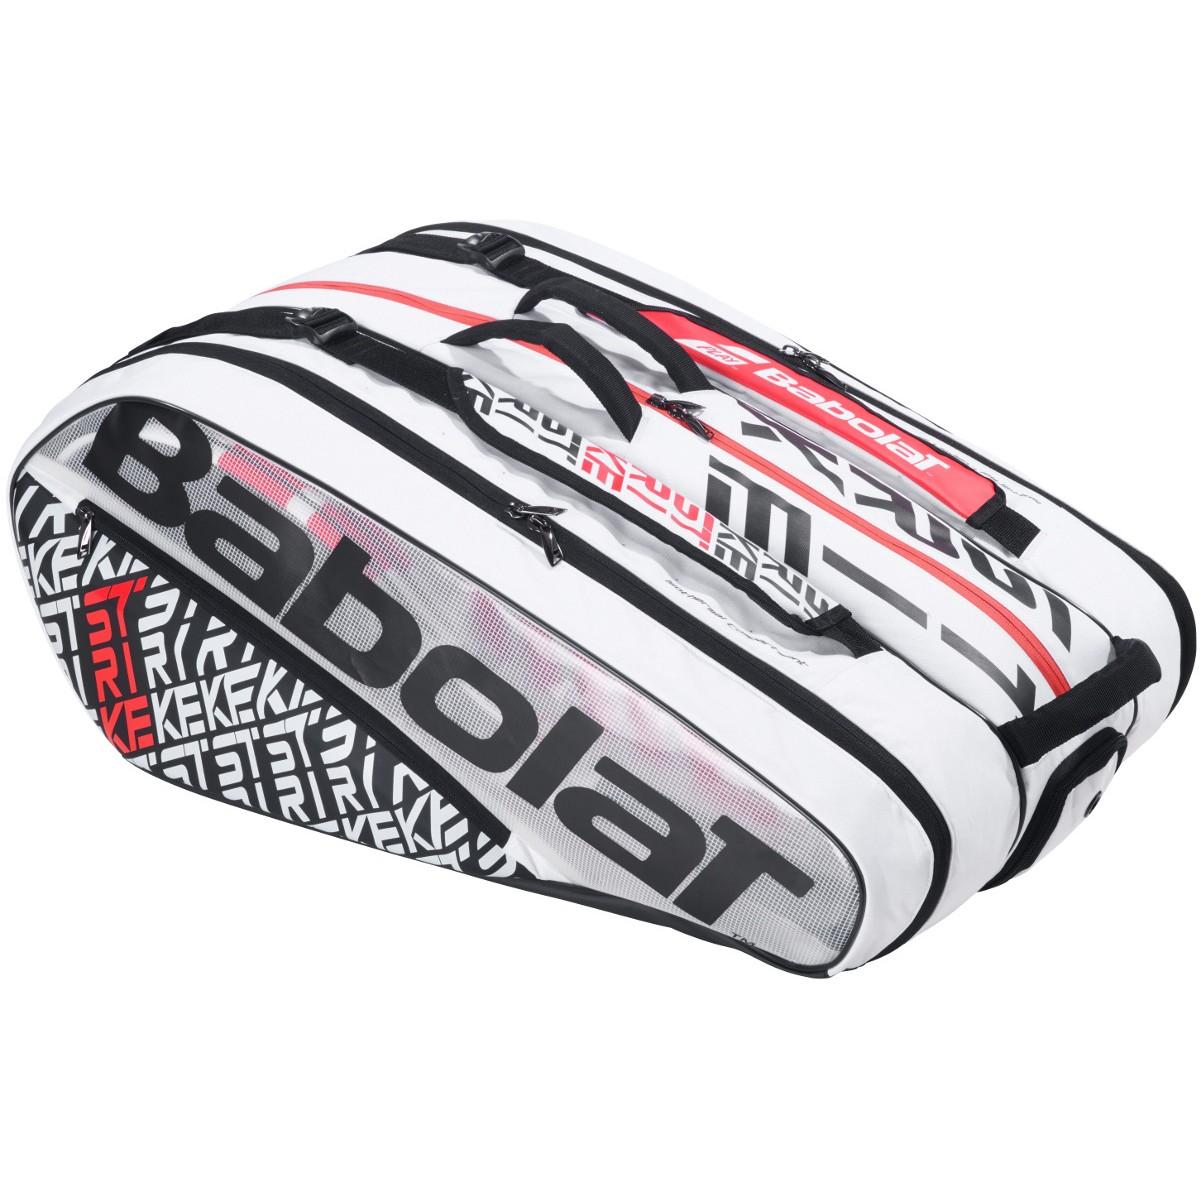 Babolat Pure Strike 12 Tennis Bag Babolat Bags Tennispro